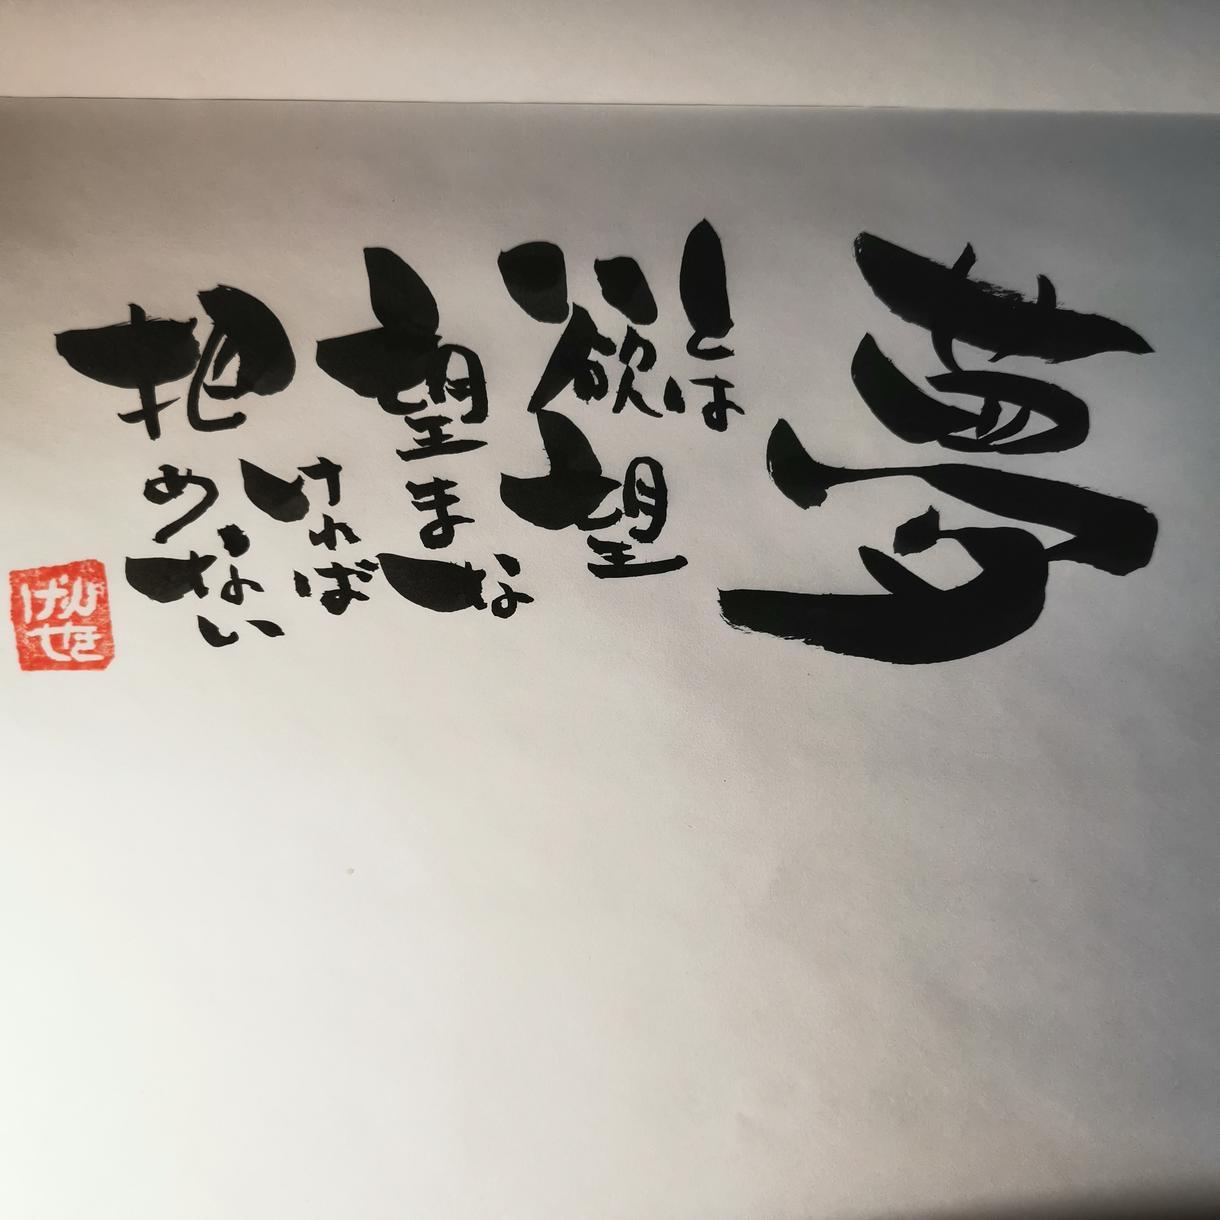 筆文字でお好きなメッセージなどをお書きします 自由にのびのび書いています癒せるような文字を目指しています